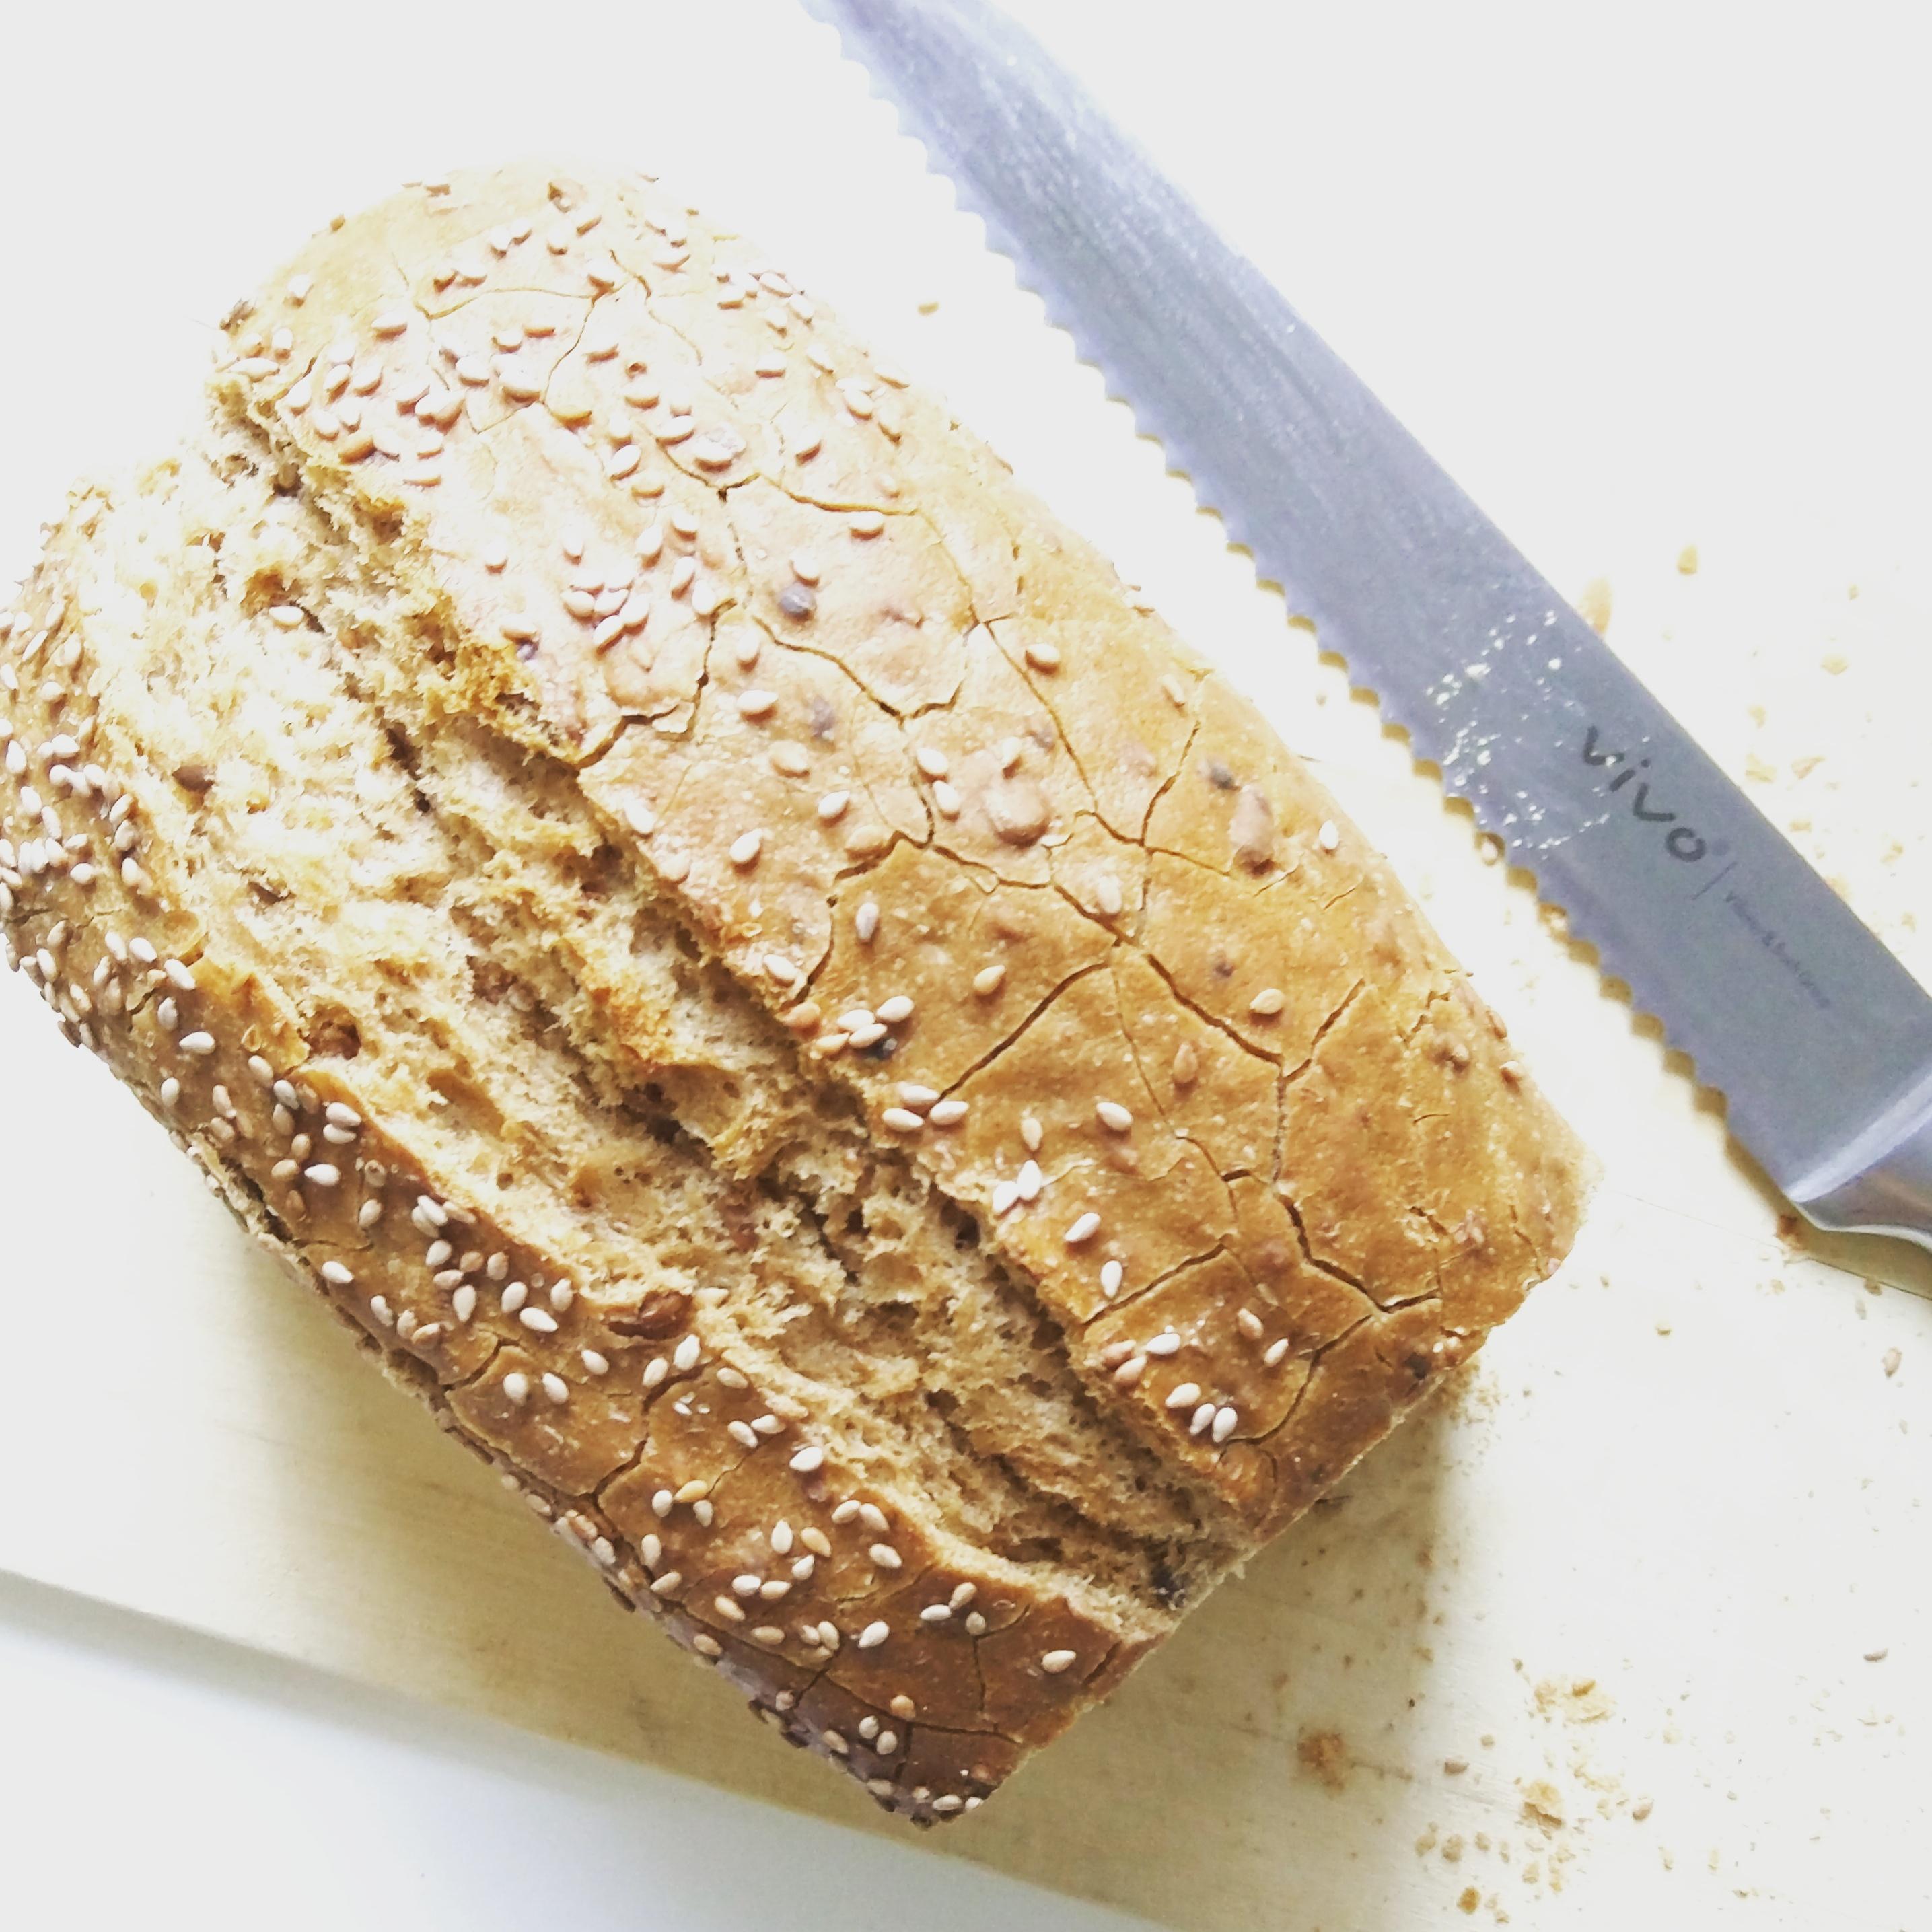 Welk glutenvrijbrood is het lekkerste?